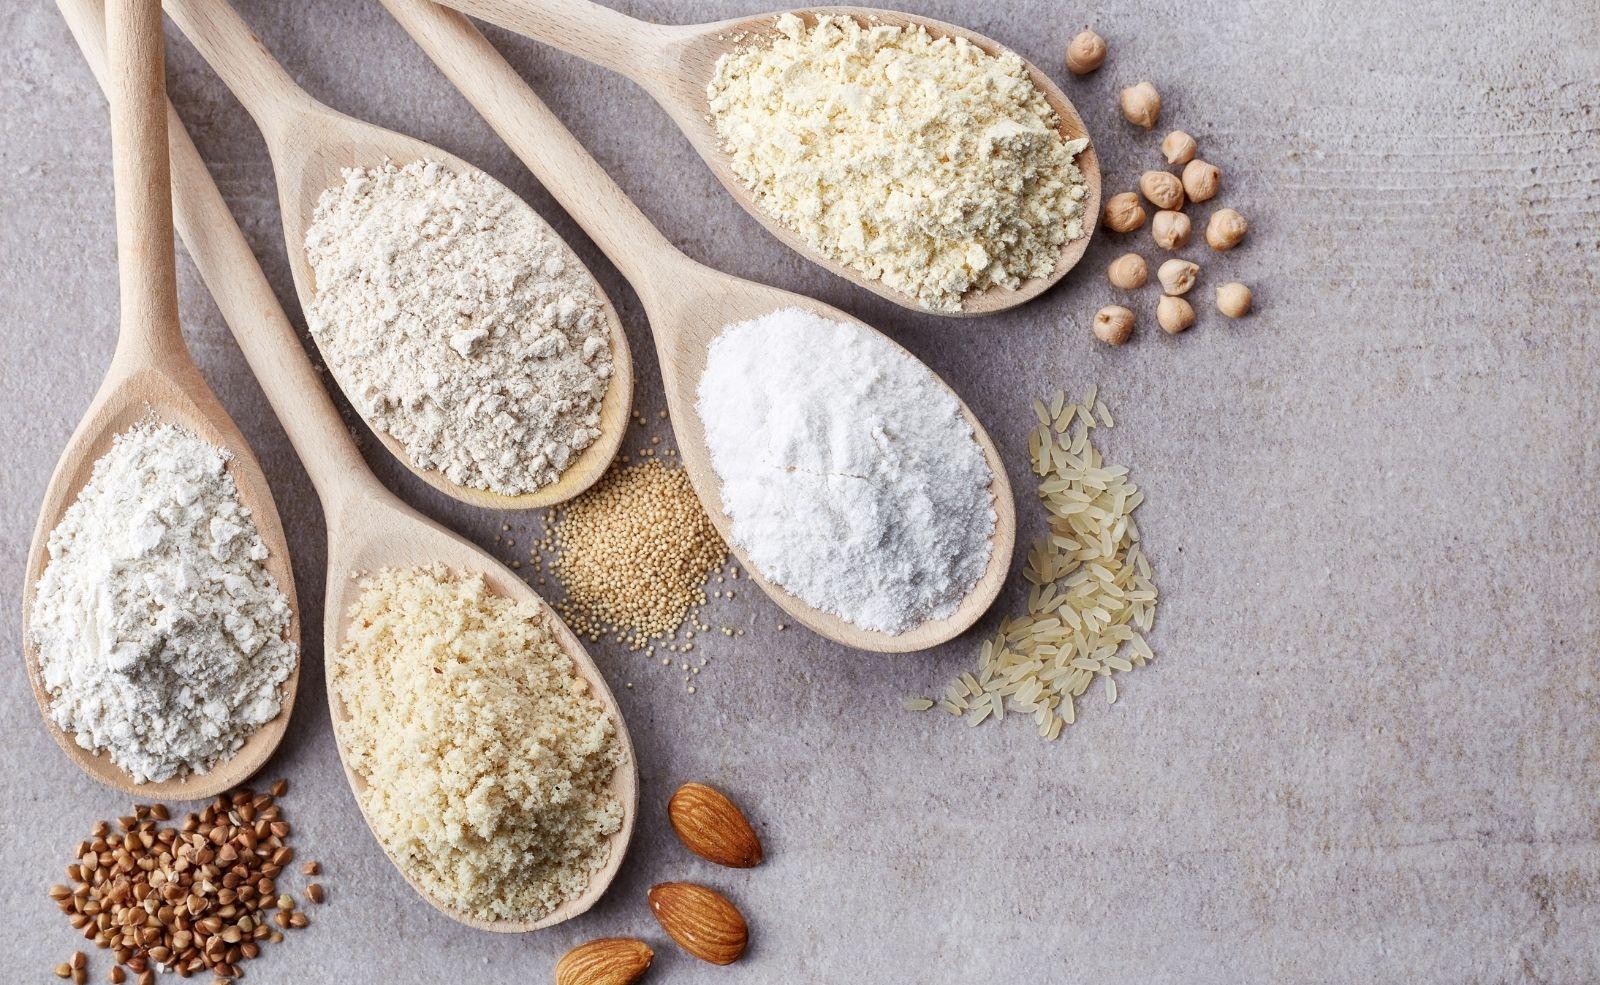 Mehl Alternativen Low Carb Gesund